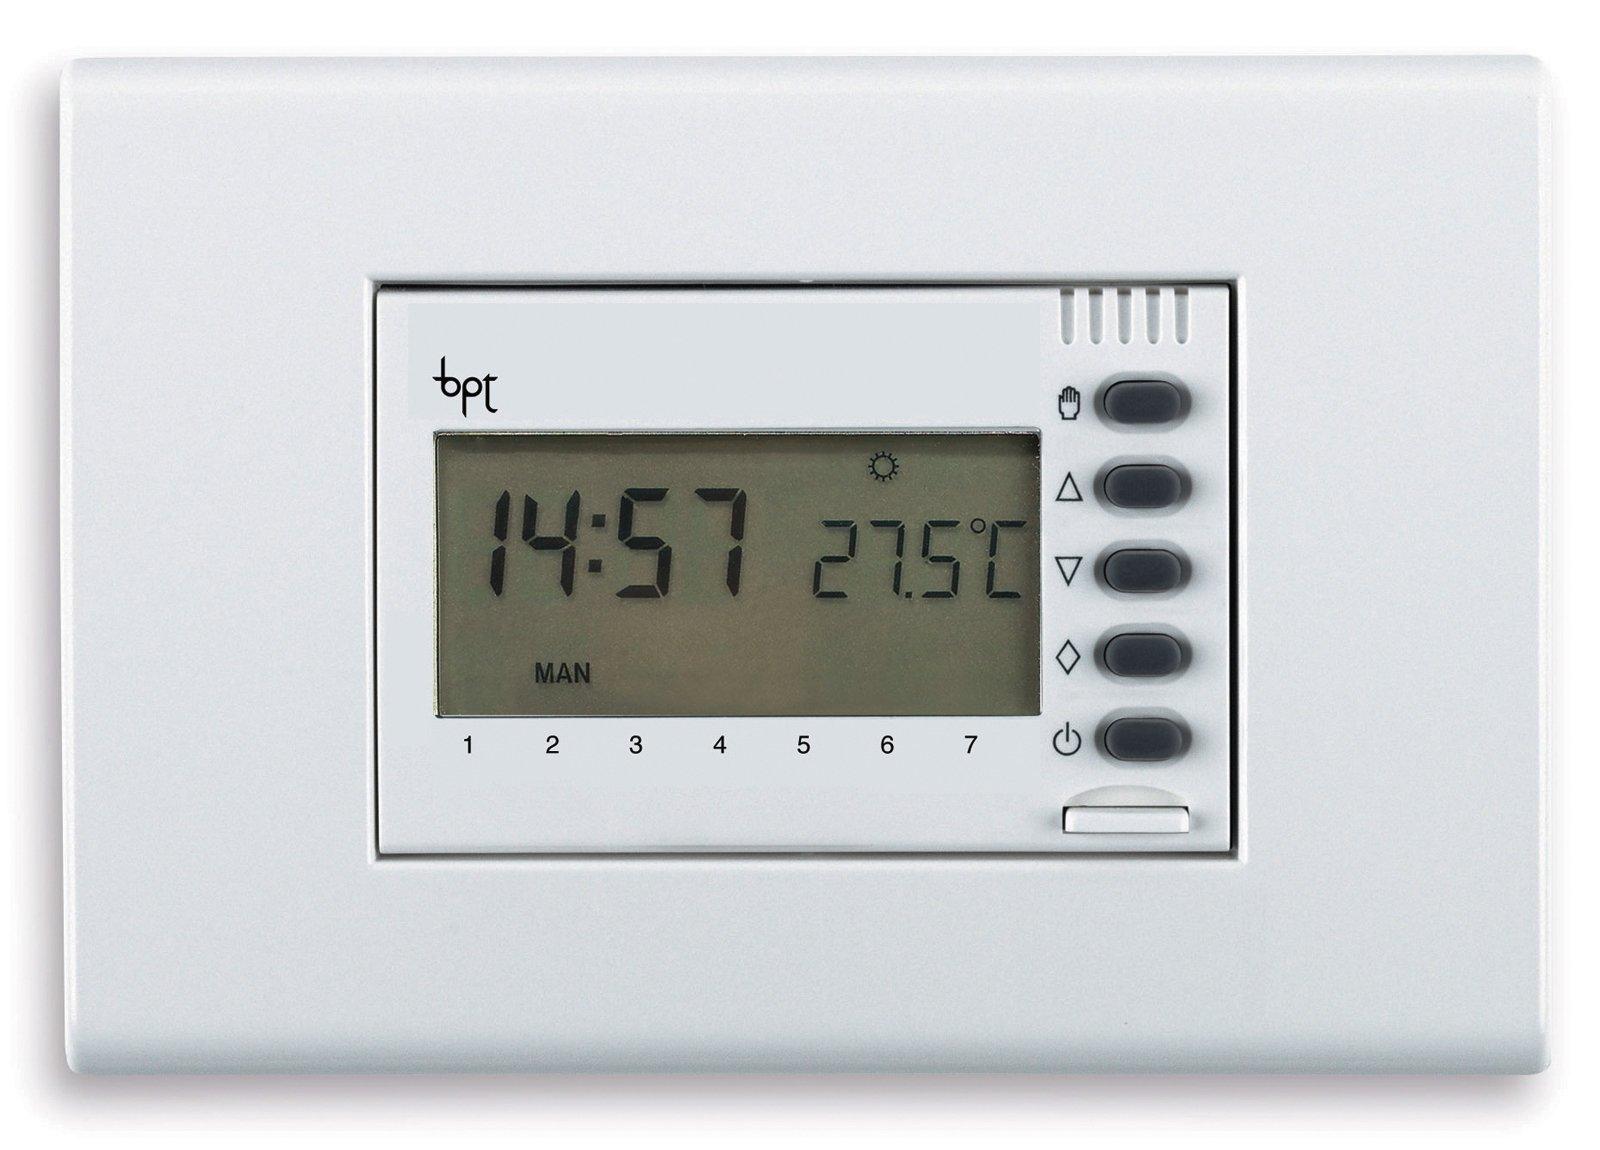 Schemi Elettrici Casa : Impianto elettrico nuovo: come va fatto cose di casa